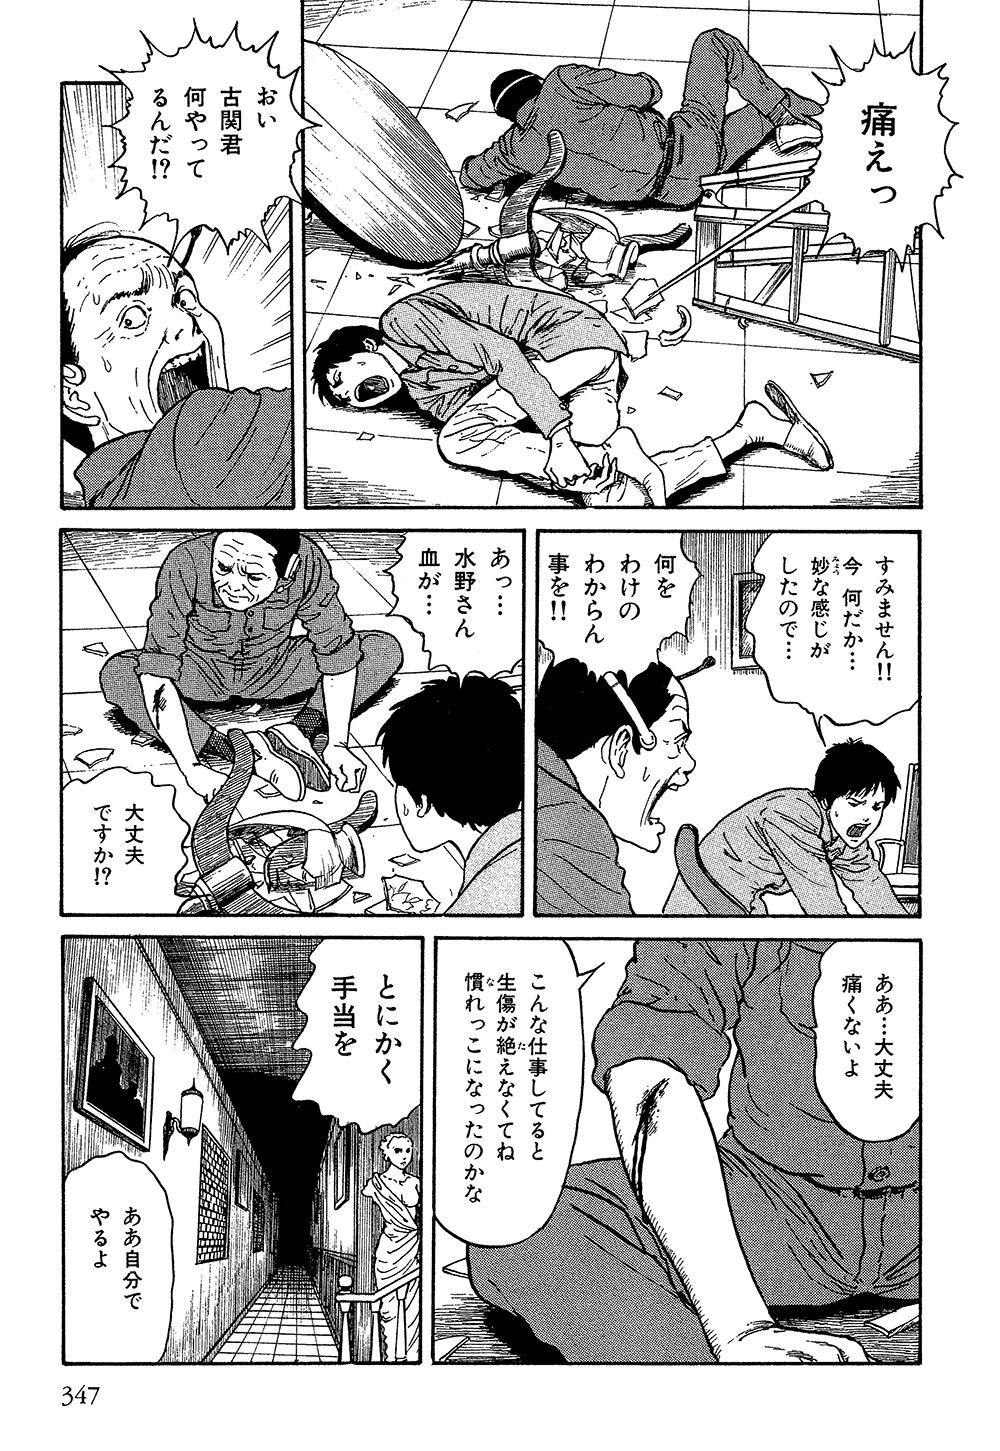 itouj_0004_0349.jpg